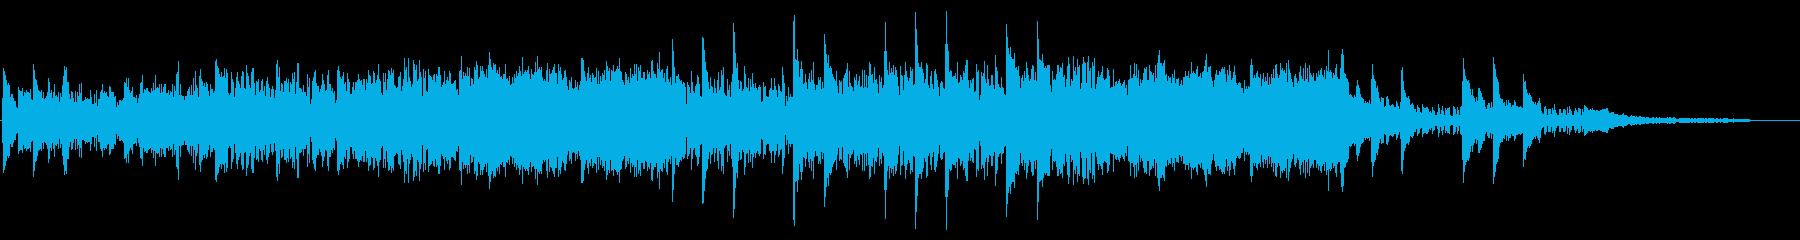 静かで物悲しくミステリアスなBGMの再生済みの波形